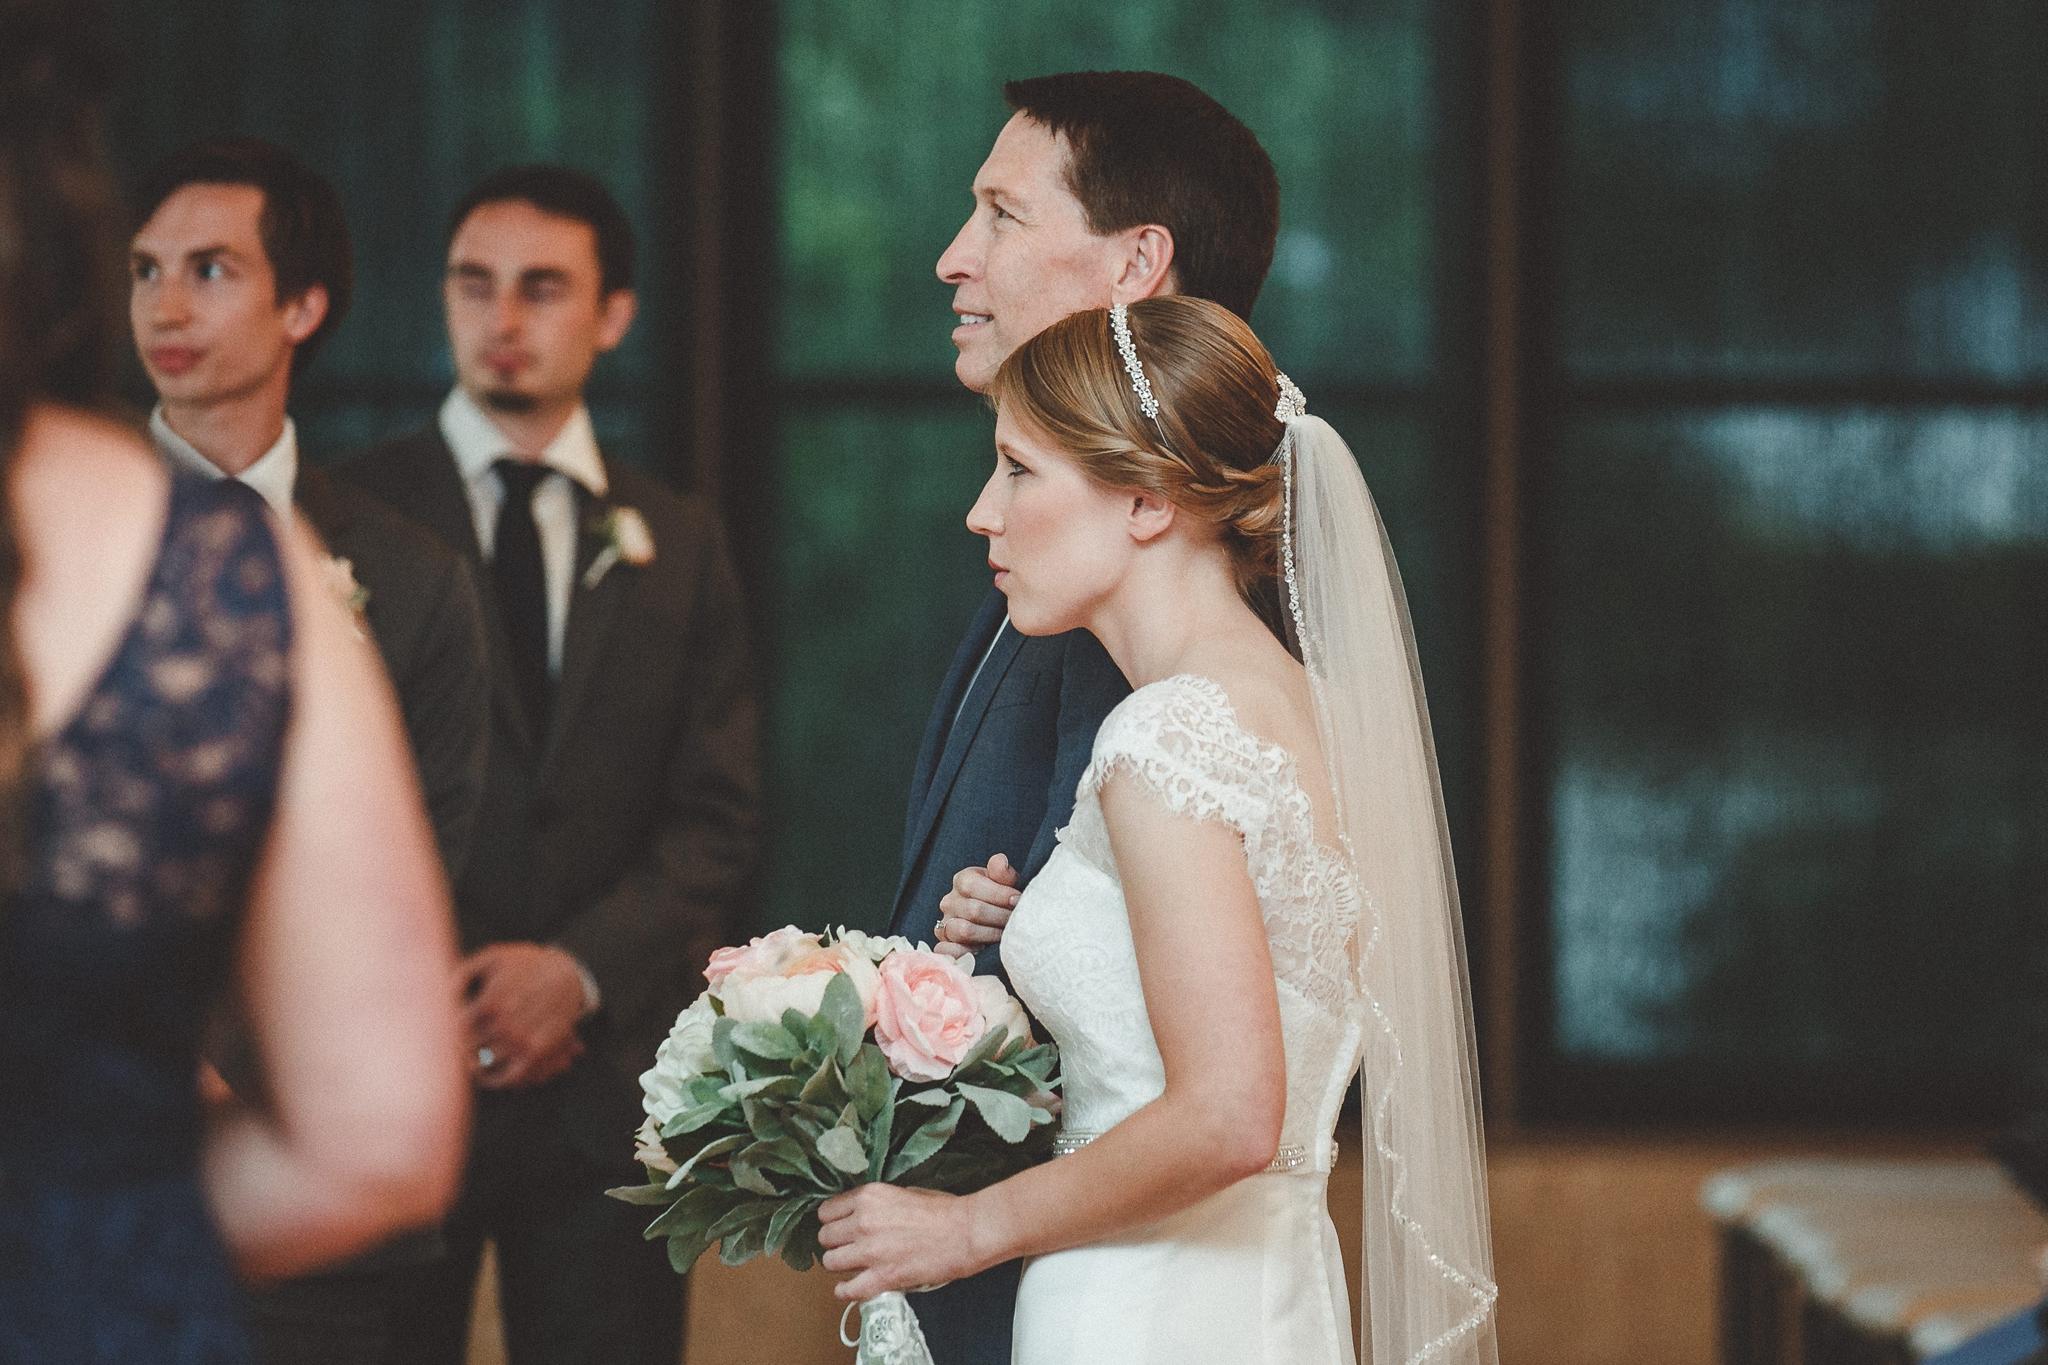 noahs_event_venue_naperville_IL_wedding_photographer_0044.jpg